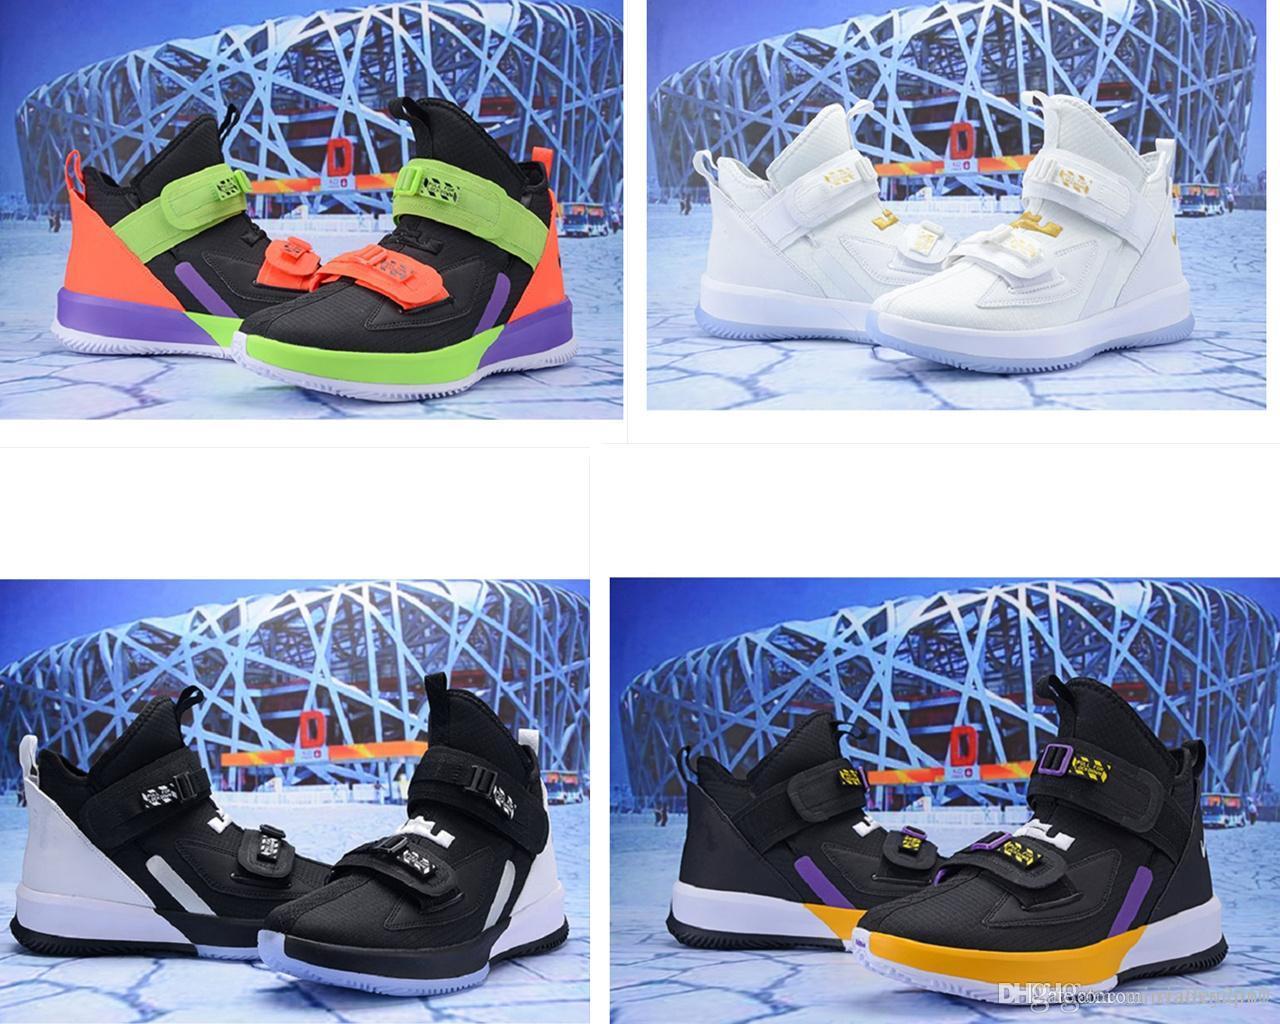 Что Леброн солдат 13 Мужские баскетбольные кроссовки на продажу Лебронс XIIIi Рождество BHM Oreo молодежные детские кроссовки сапоги с оригинальной коробке